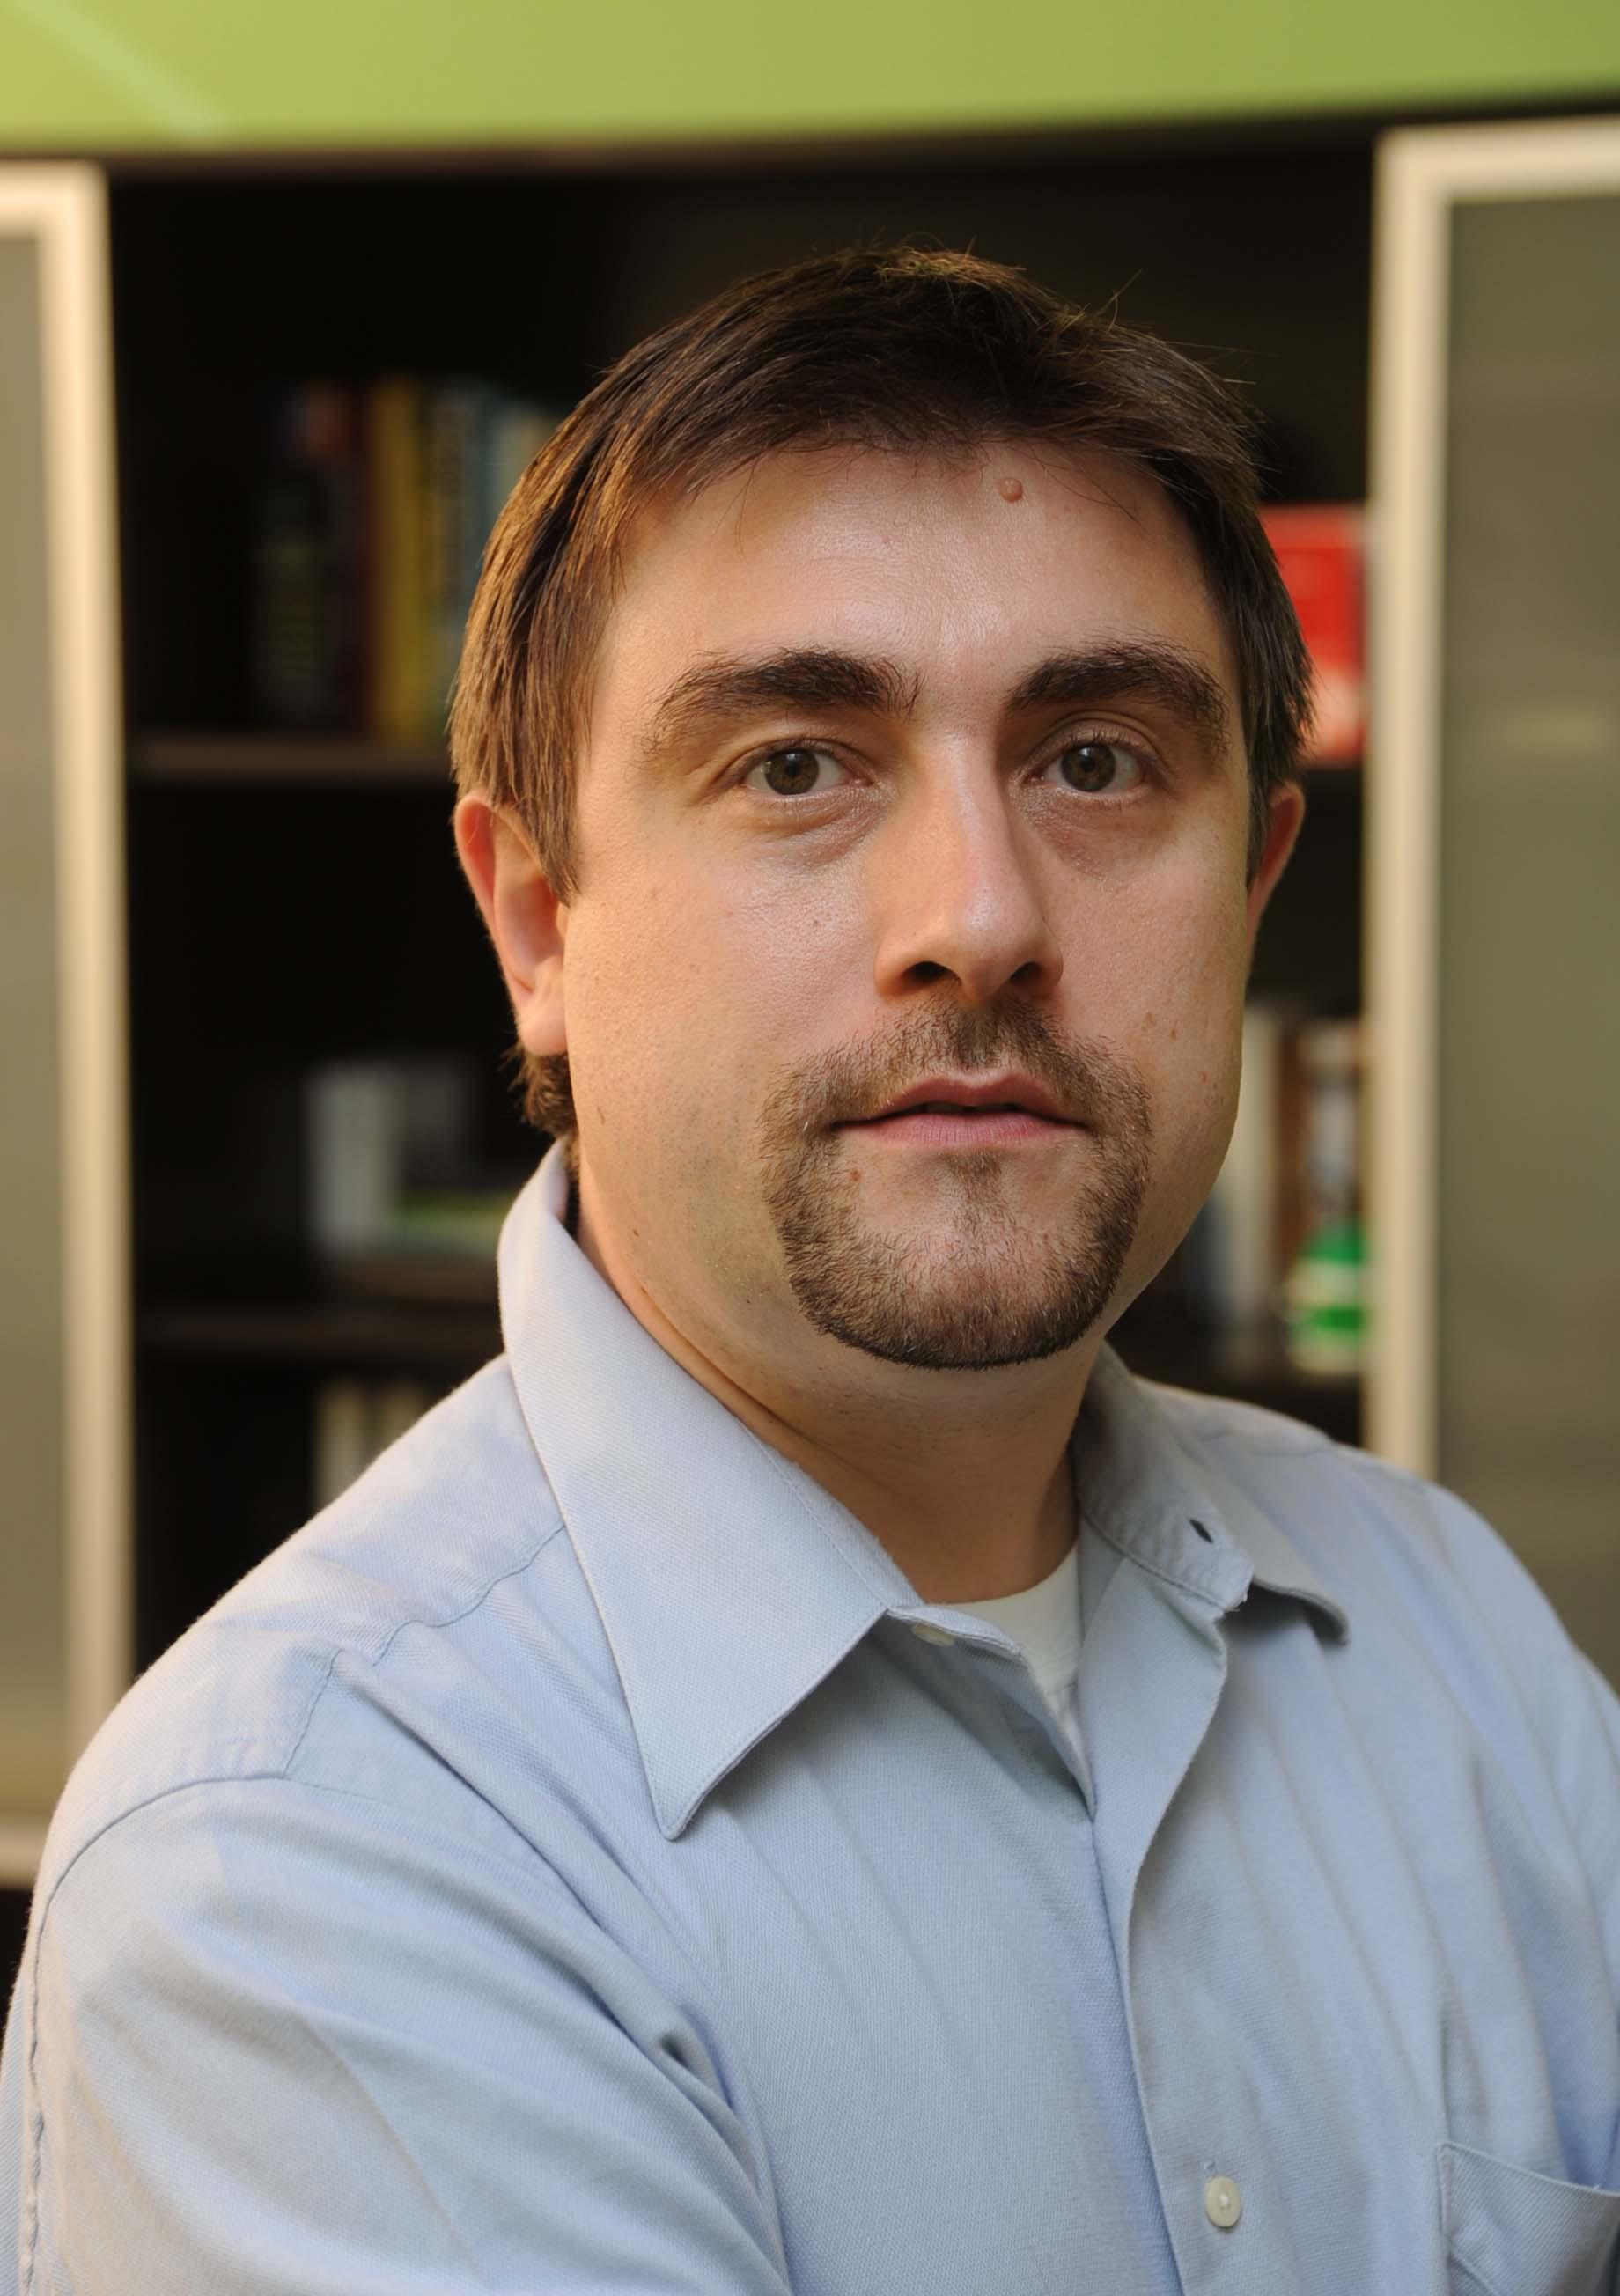 Antonio Eram, Netopia